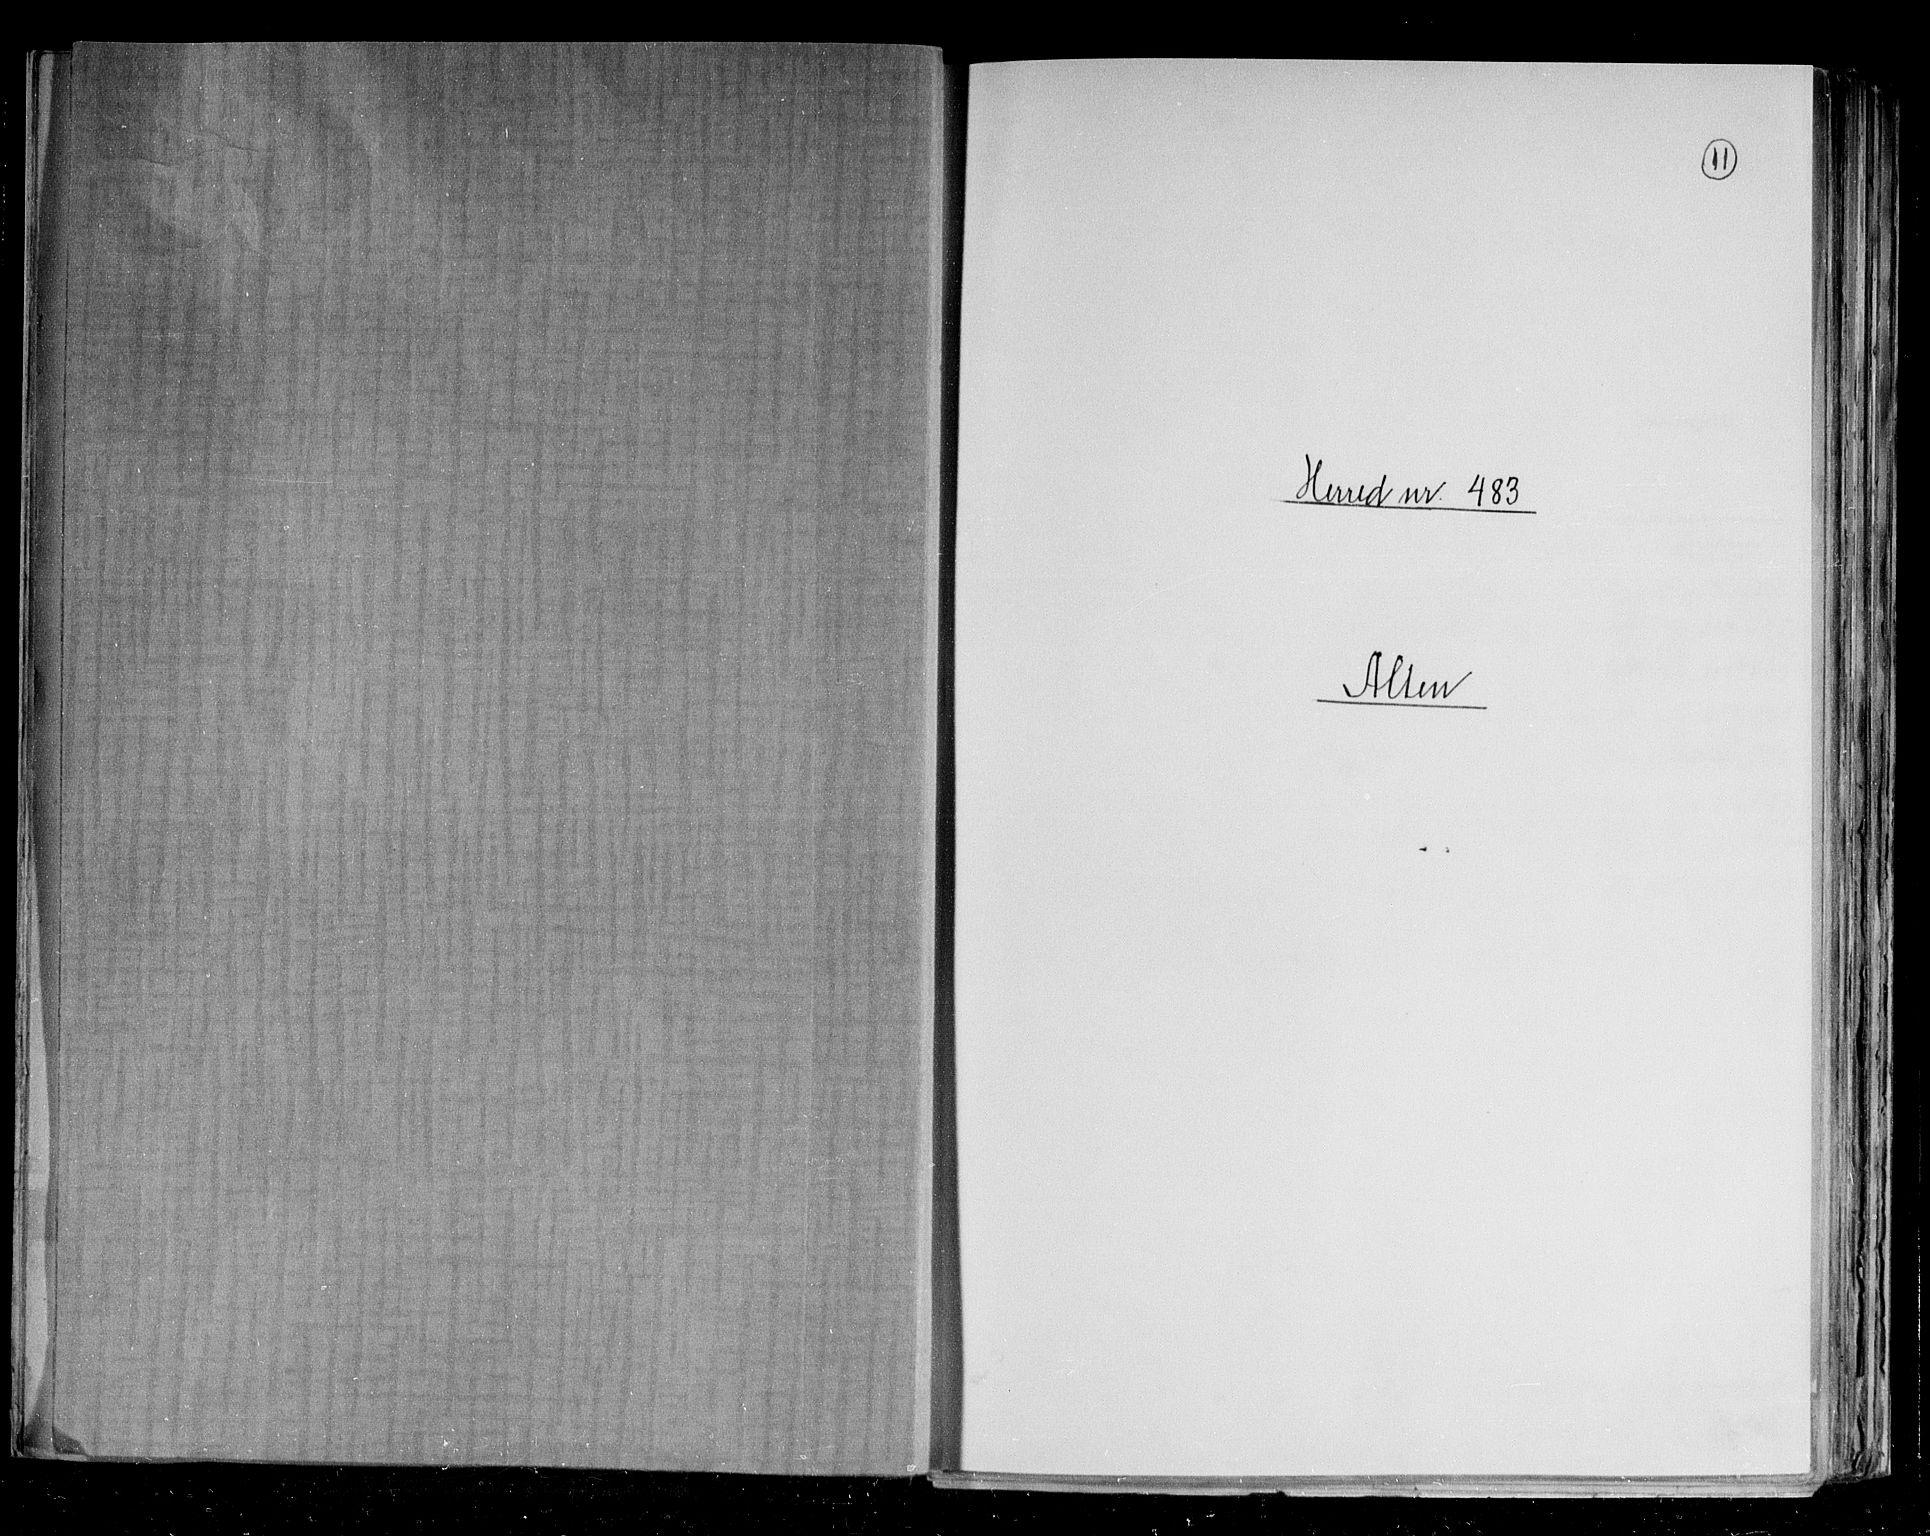 RA, Folketelling 1891 for 2012 Alta herred, 1891, s. 1